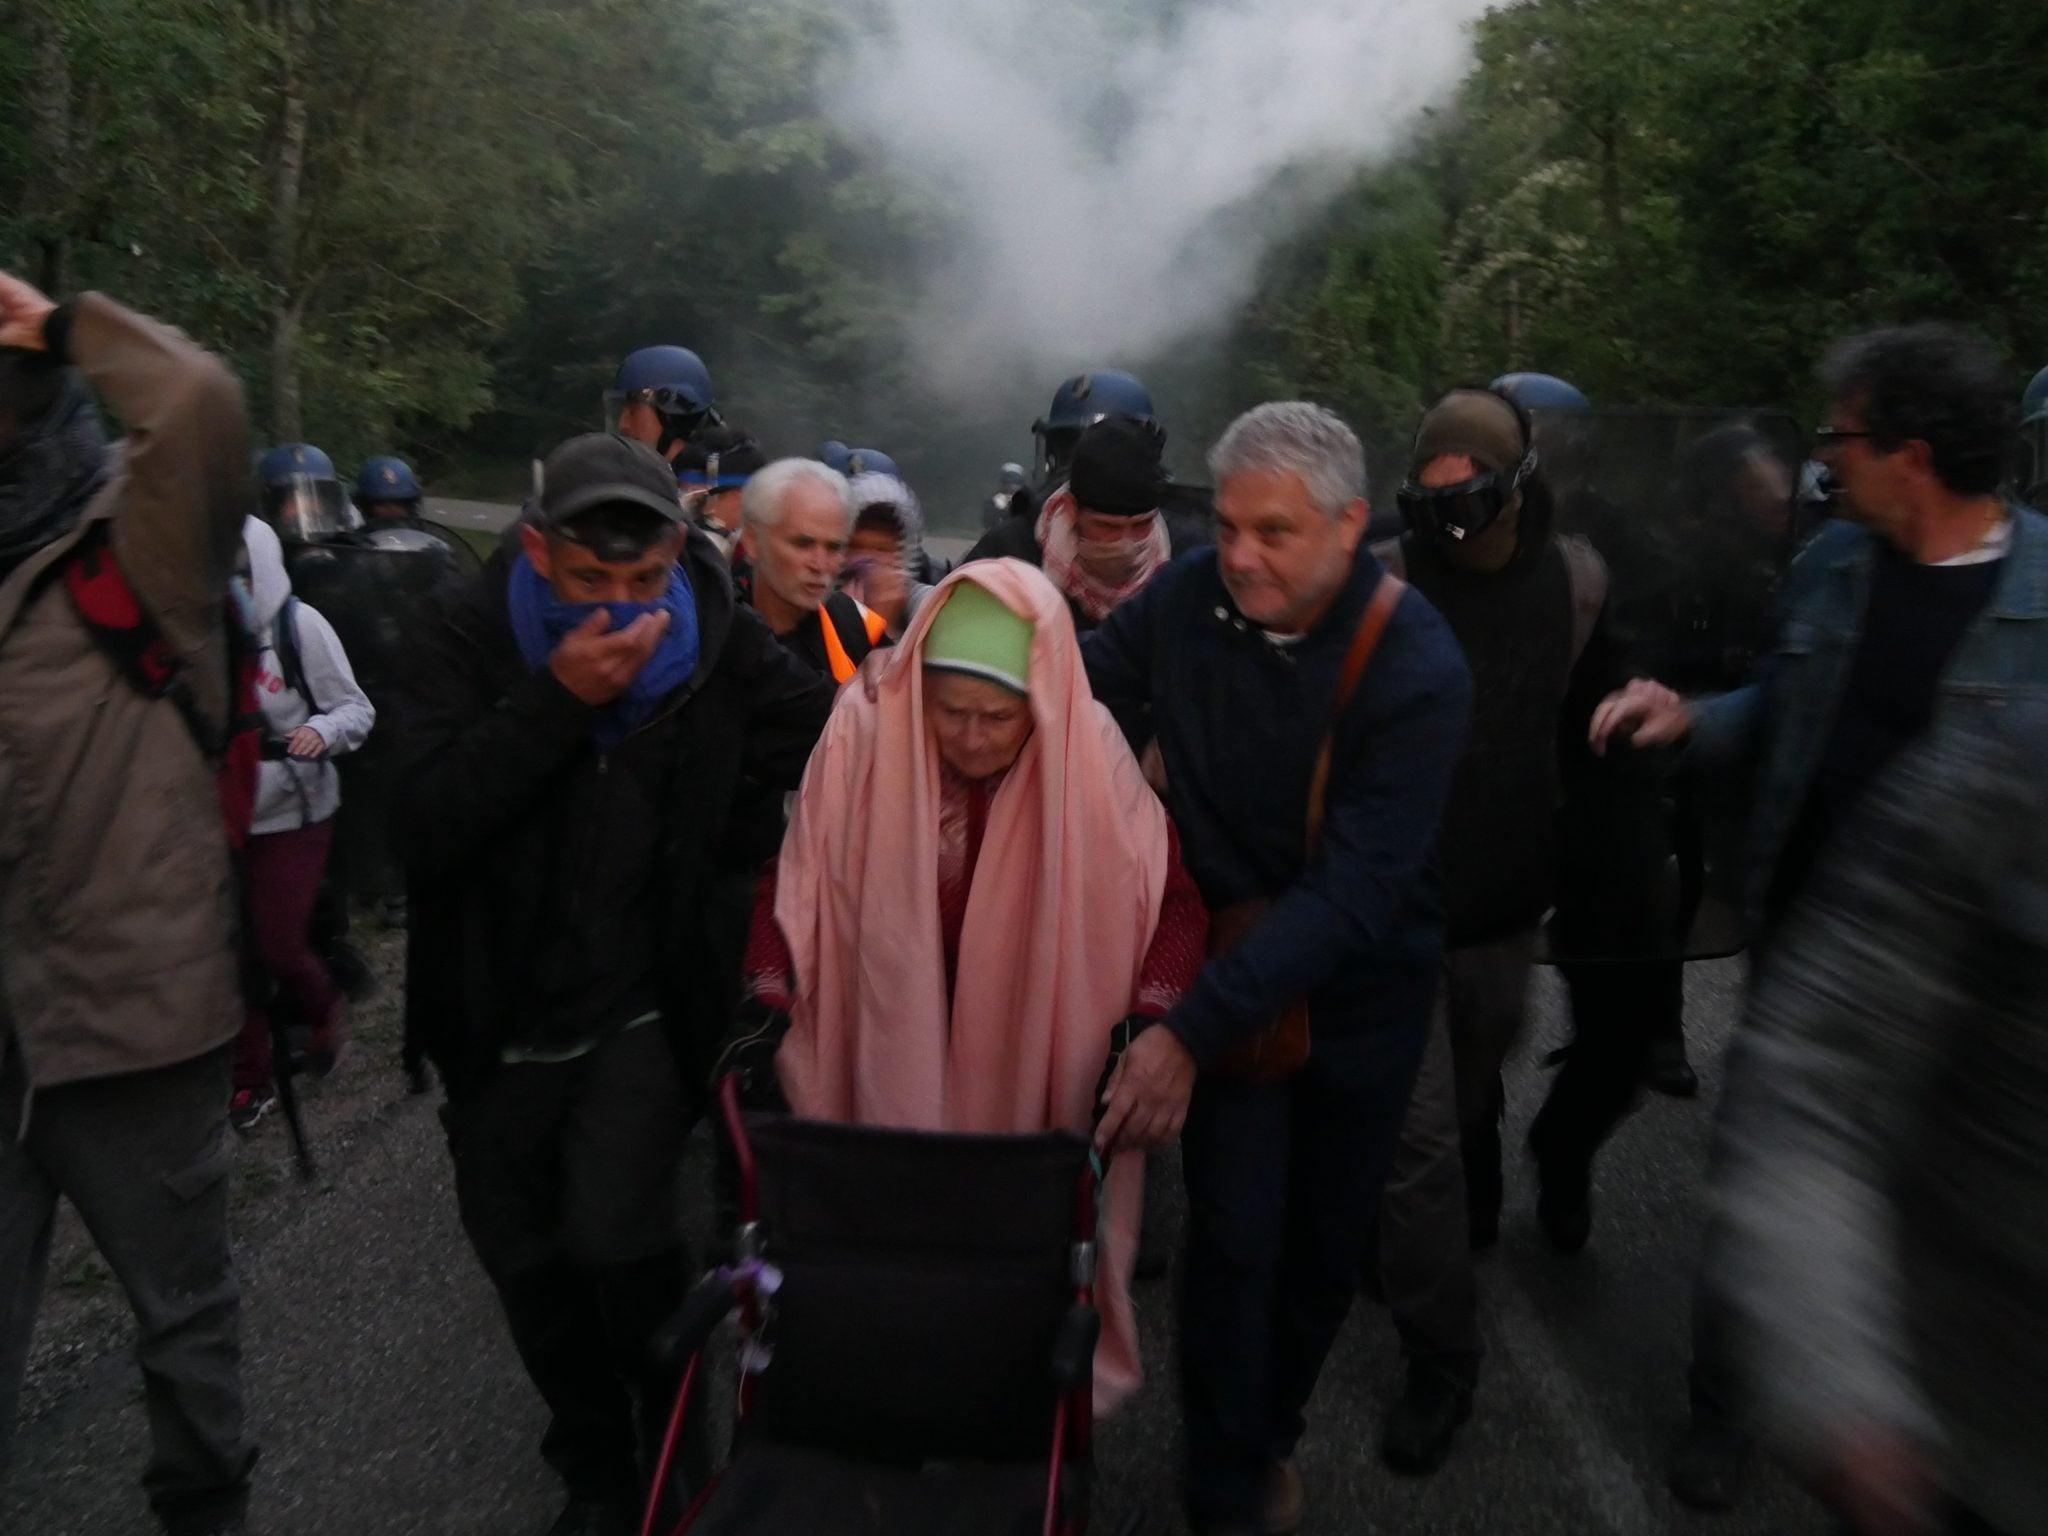 Une personne âgée de 89 ans a participé à la manifestation (Photo GK / Rue89 Strasbourg / cc)